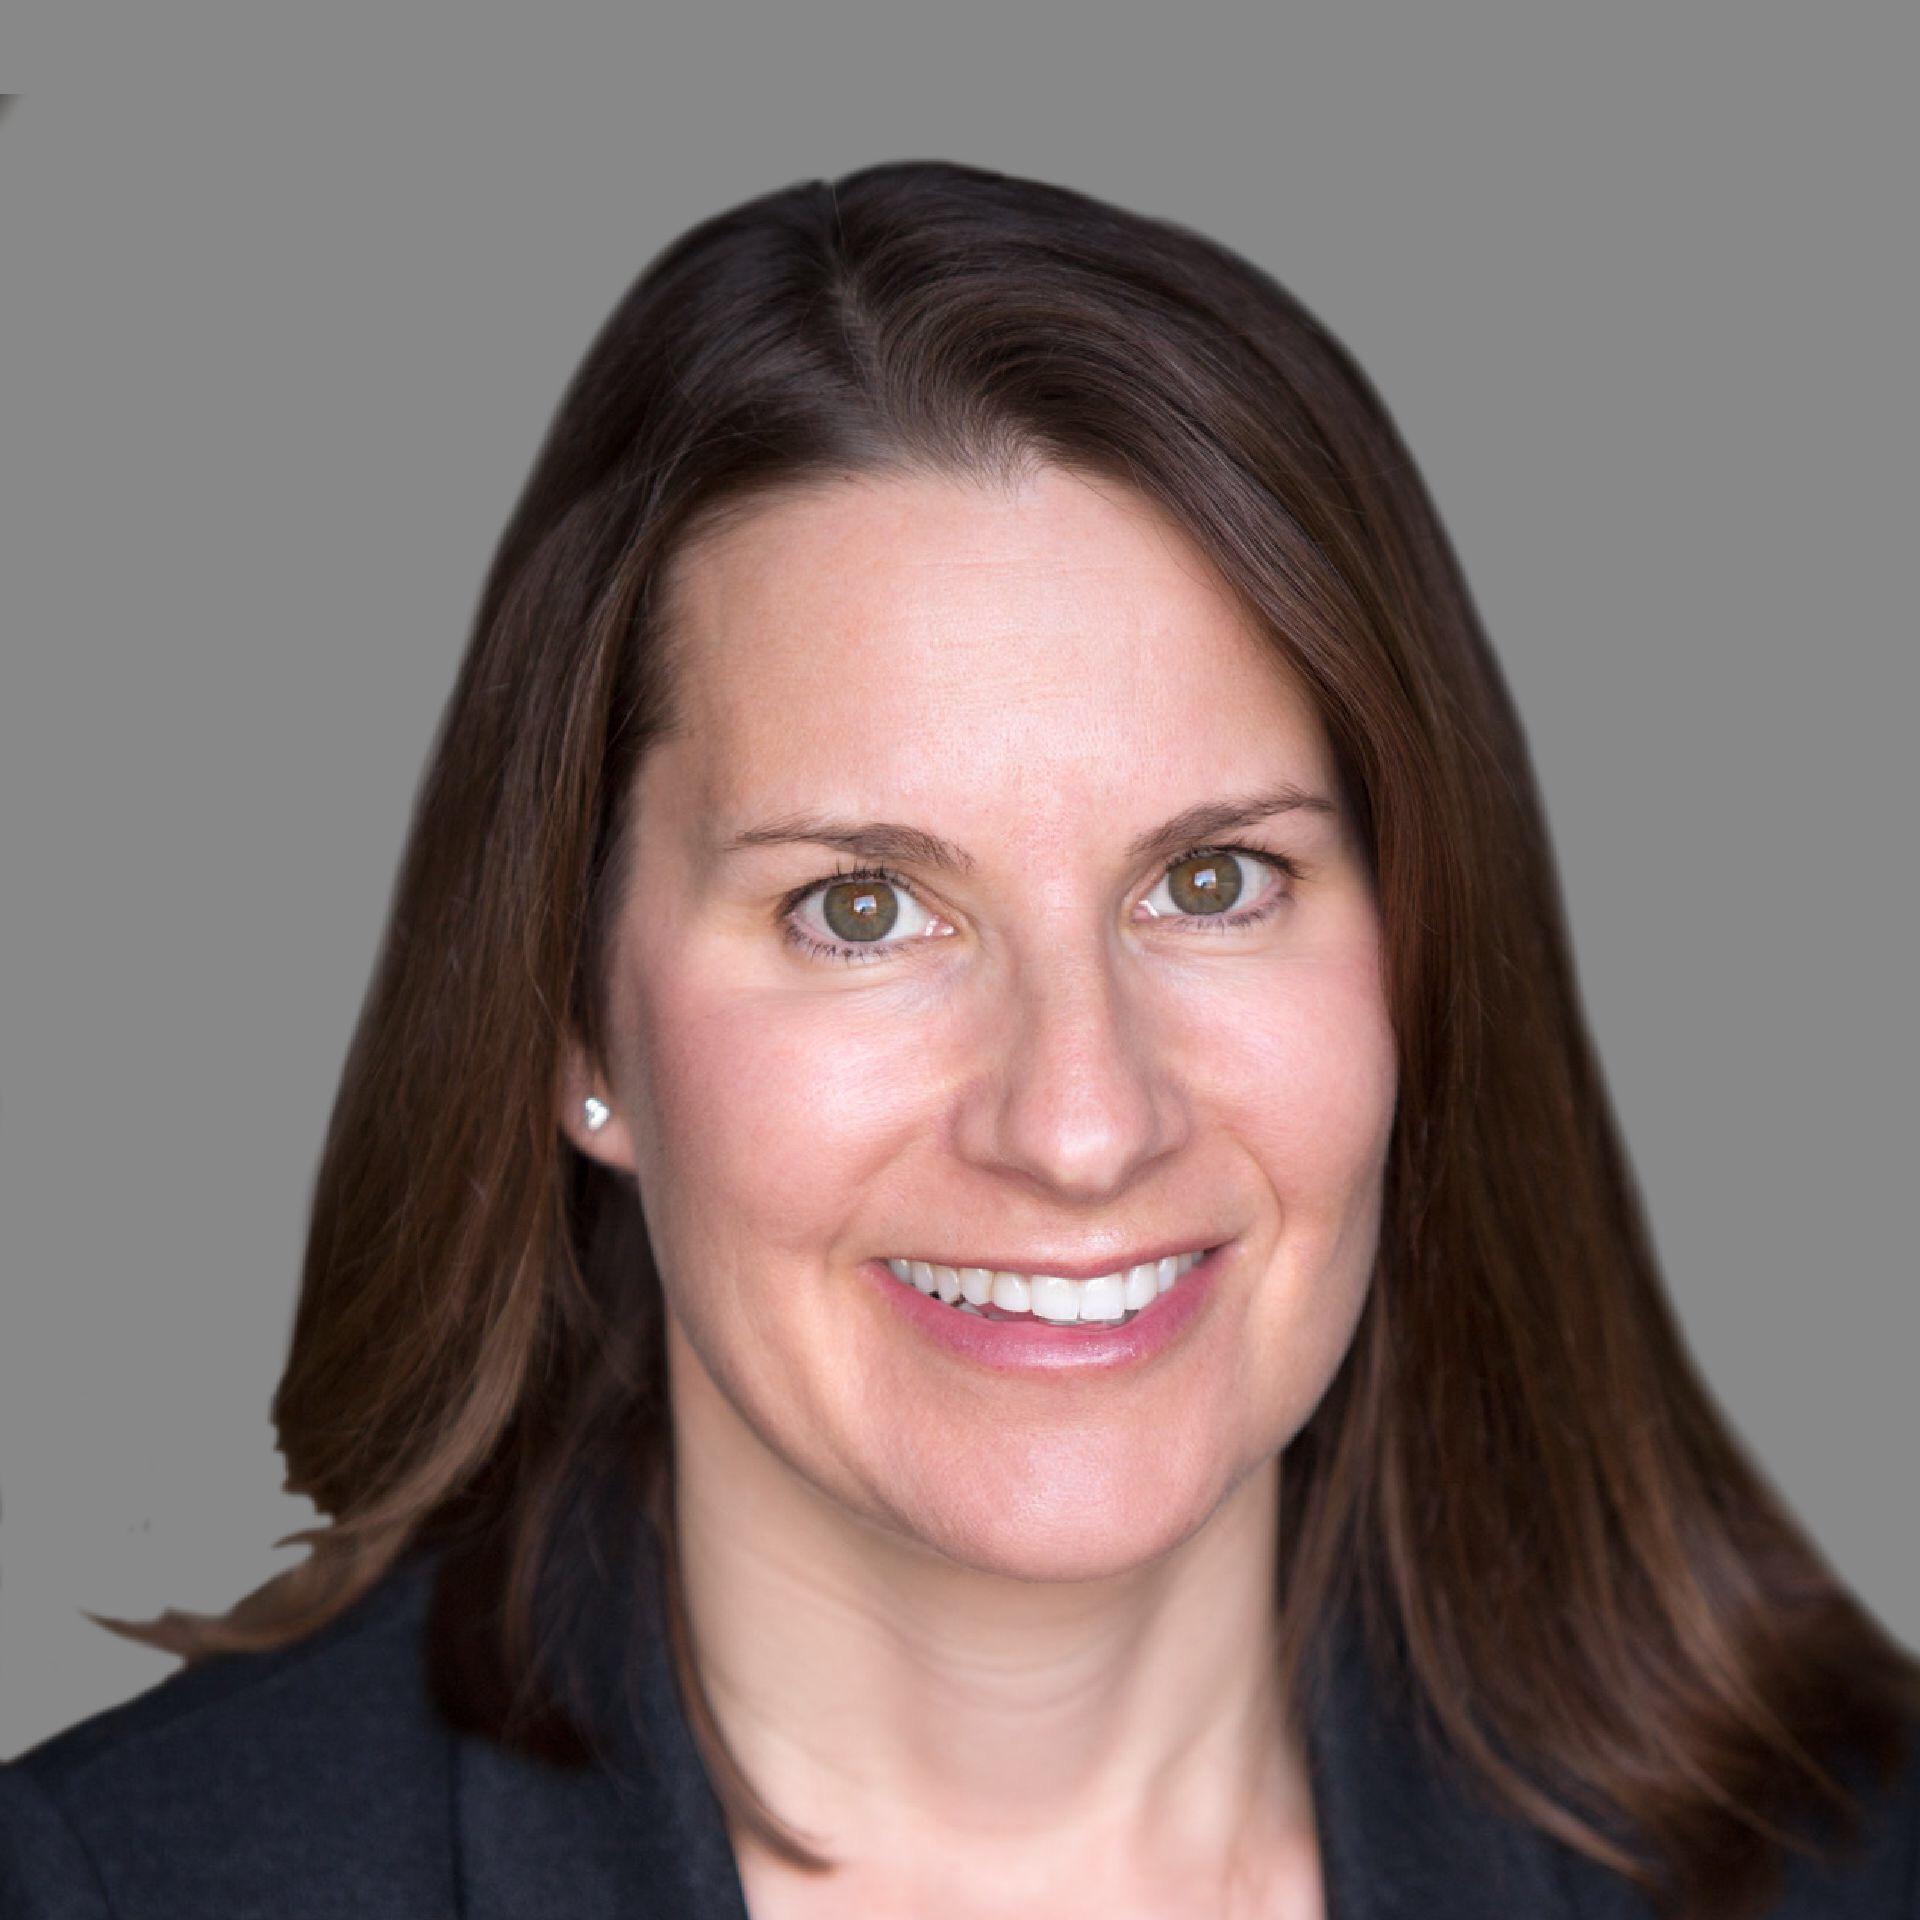 Pamela Zients